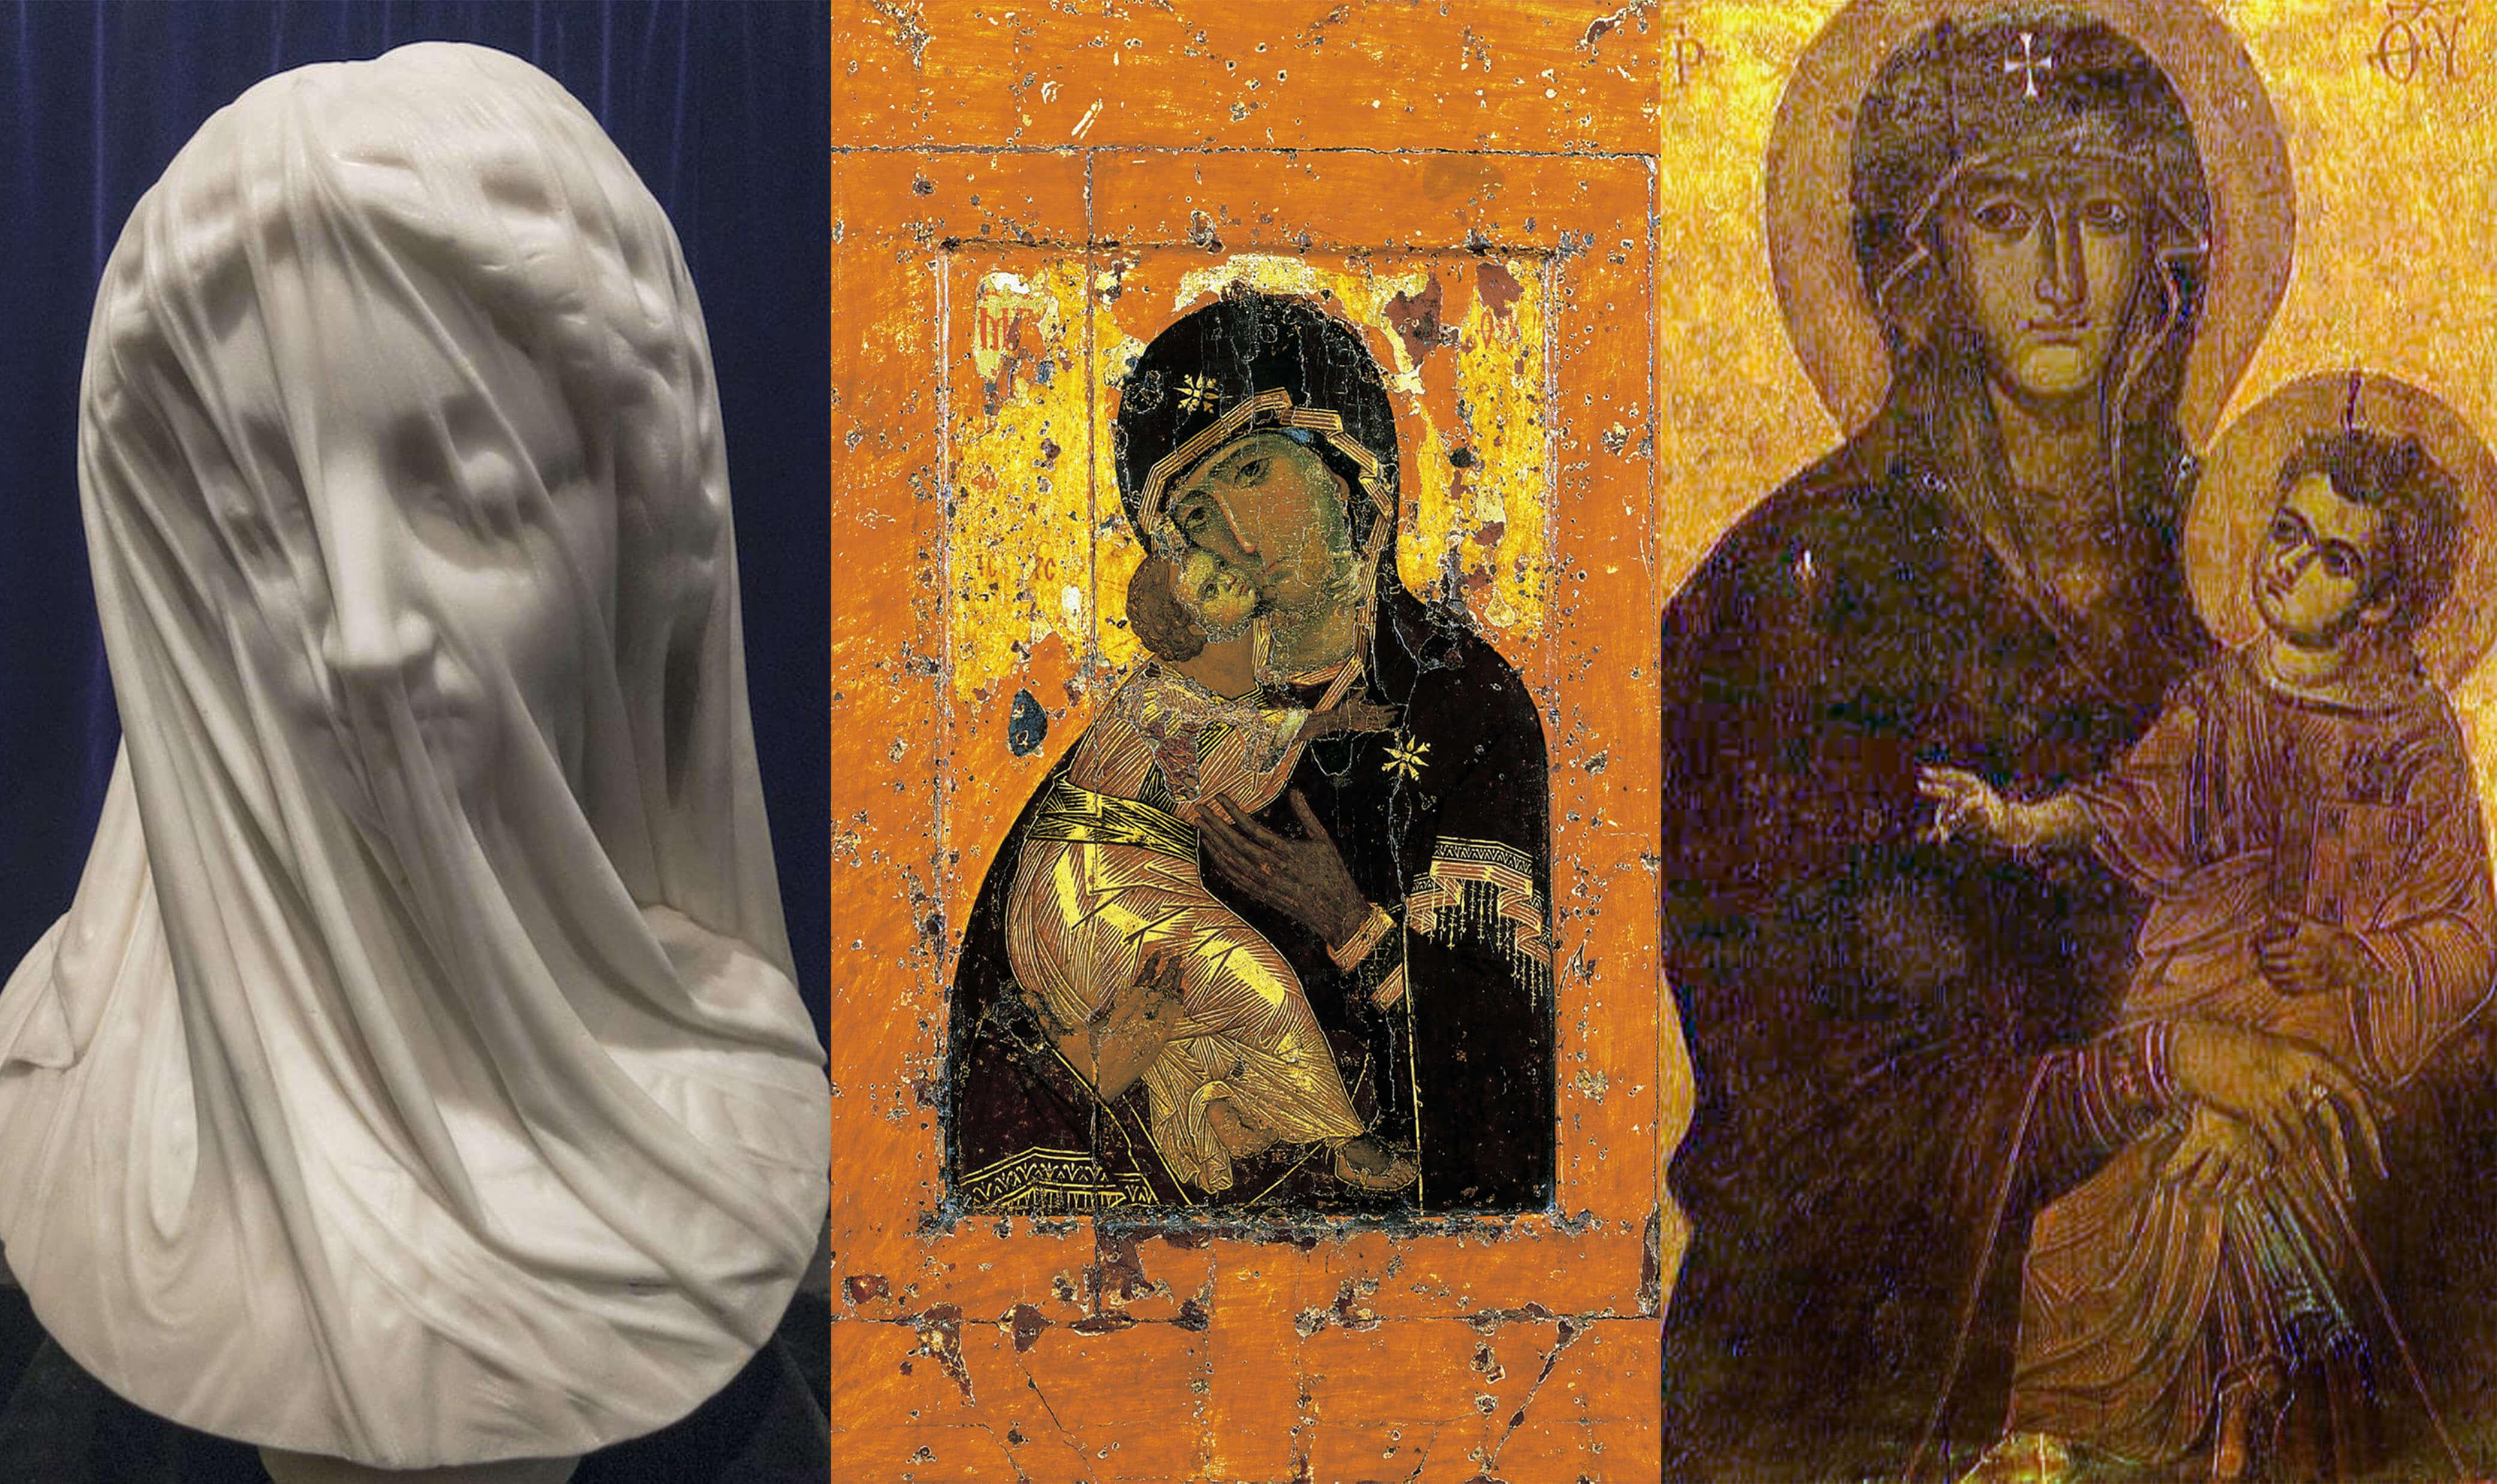 Imágenes de la Virgen María a lo largo de la historia.